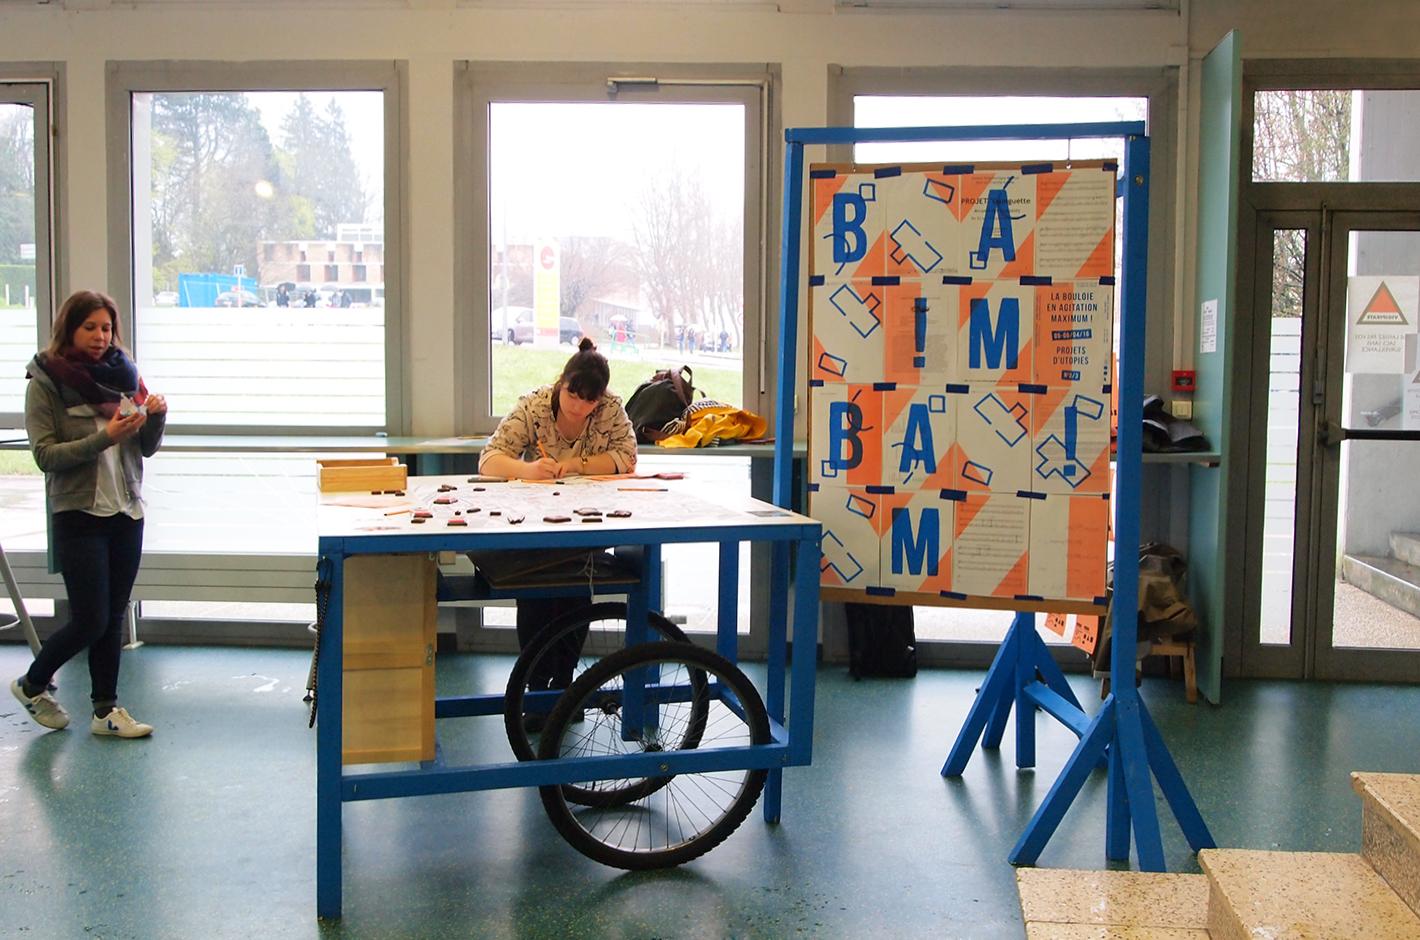 BAM ! La Bouloie en Agitation Maximum - Besançon - Campus de la Bouloie - meuble et affiche 3 projets d'utopies